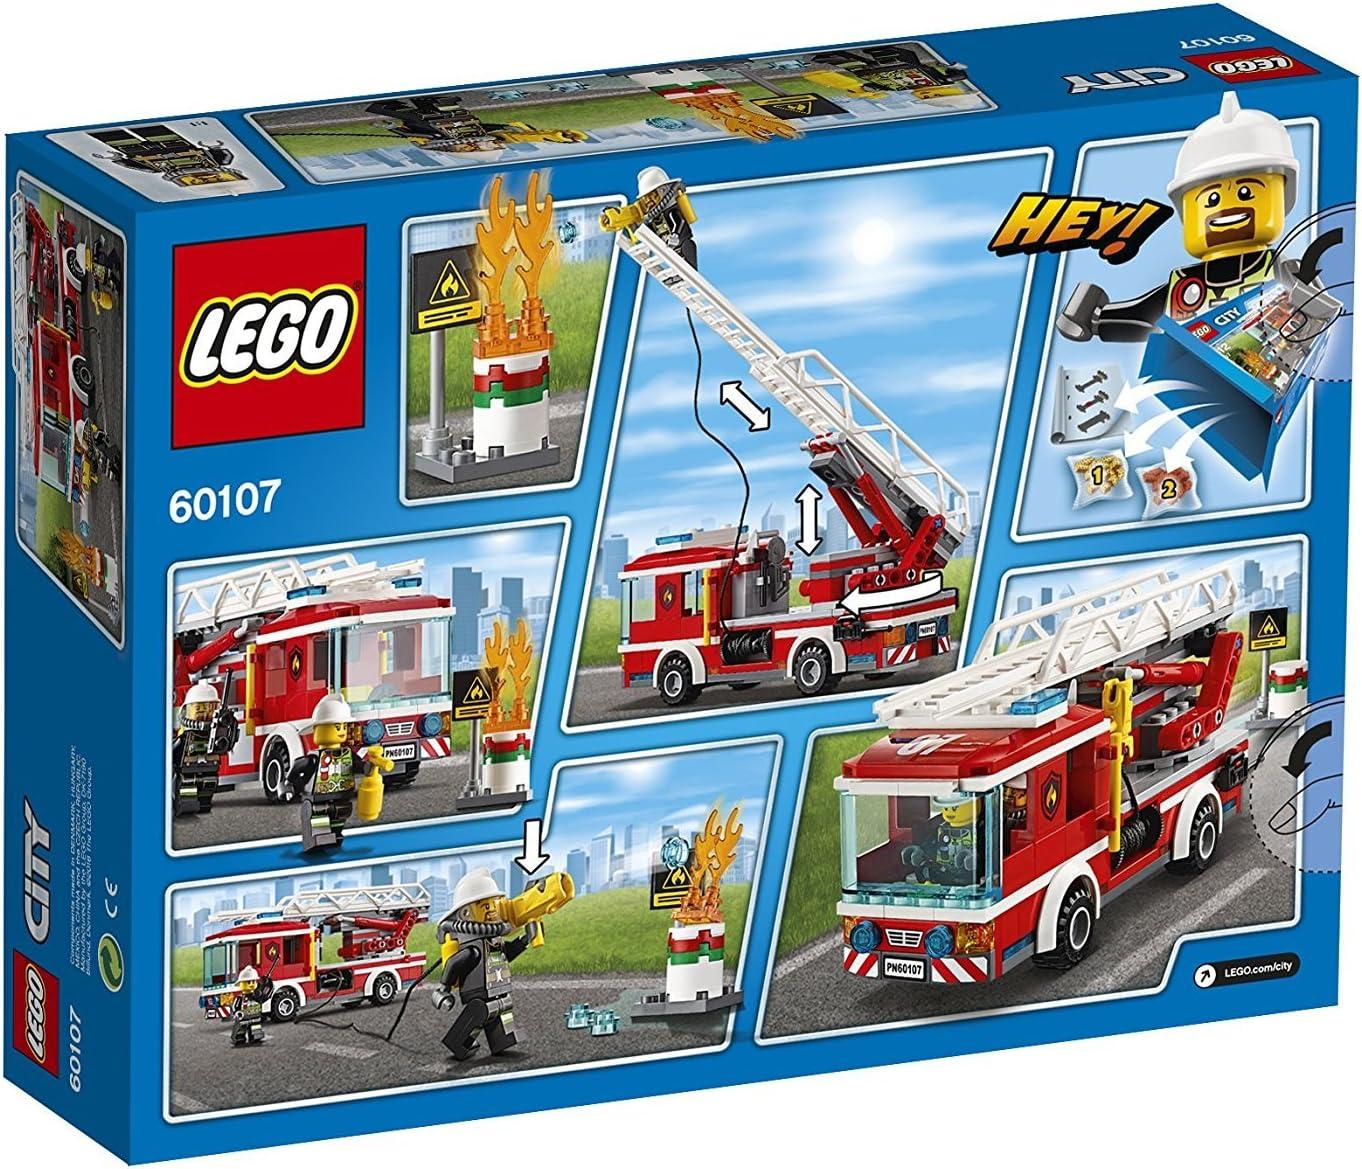 Lego City 60107 – Camión de bomberos con escalera + Lego Juniors 30338 – Coche de bomberos, Cooles juguete para niños: Amazon.es: Juguetes y juegos